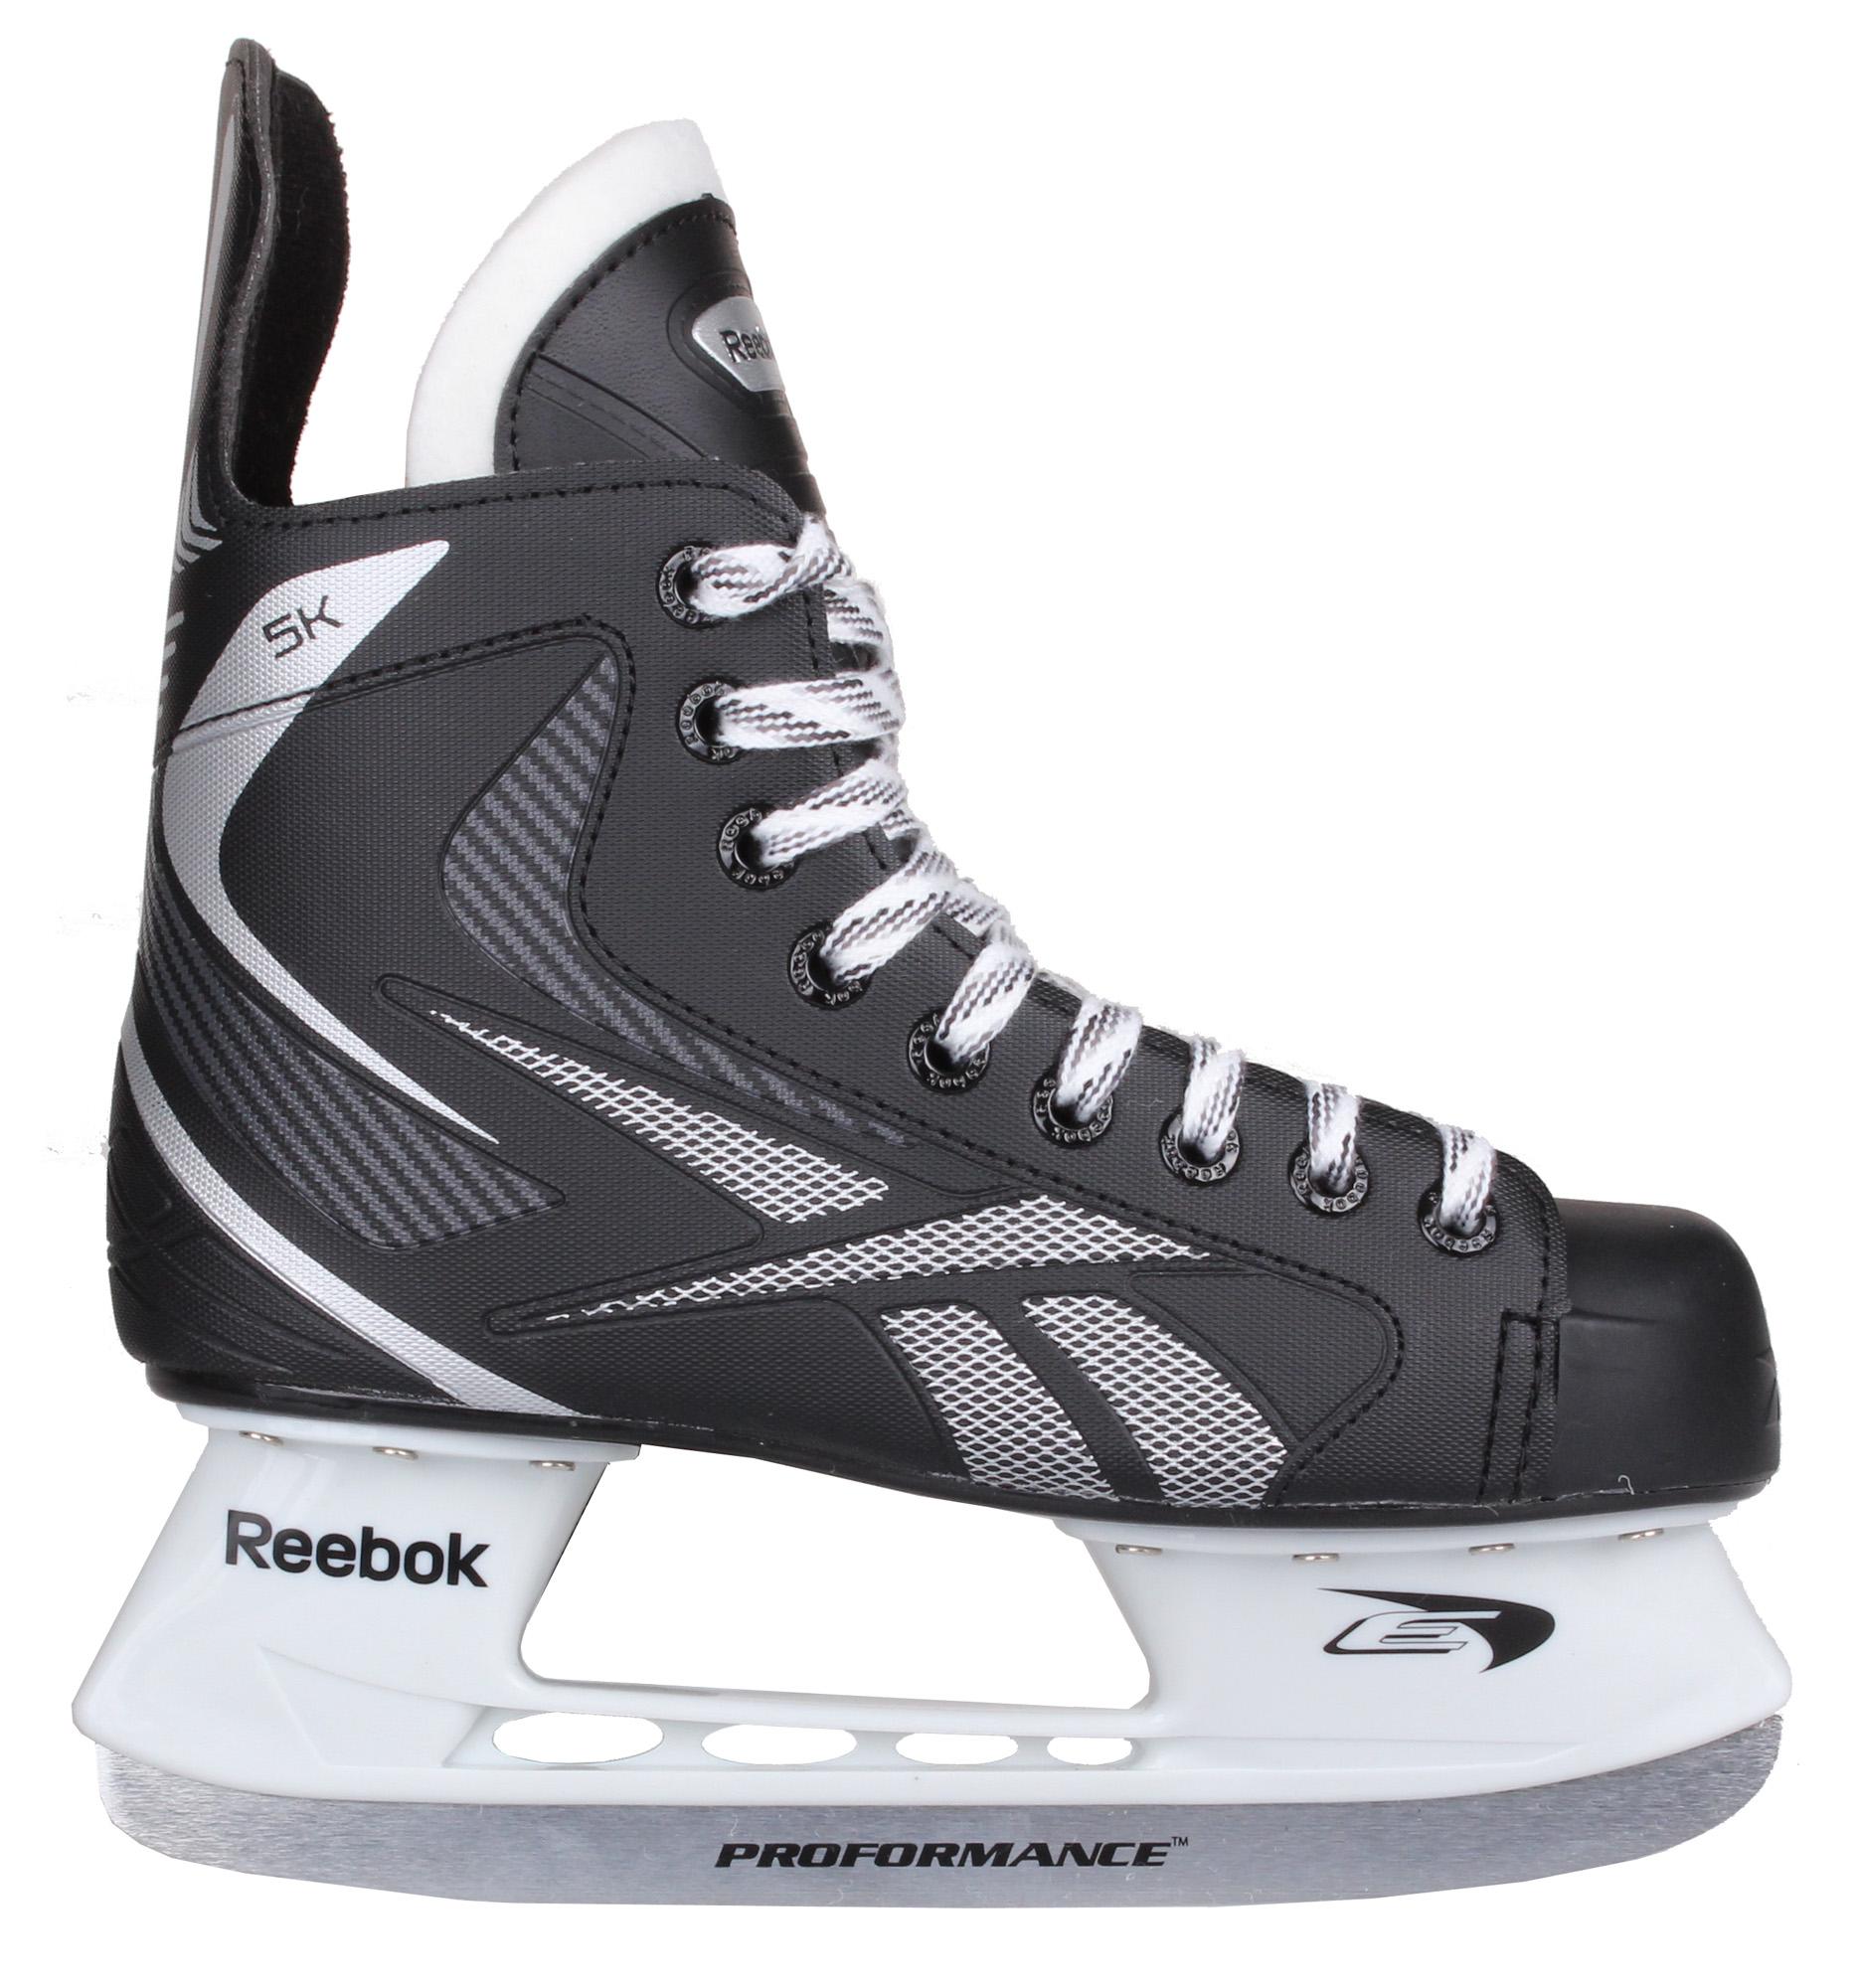 REEBOK 5K, JR hokejové brusle, šíře D